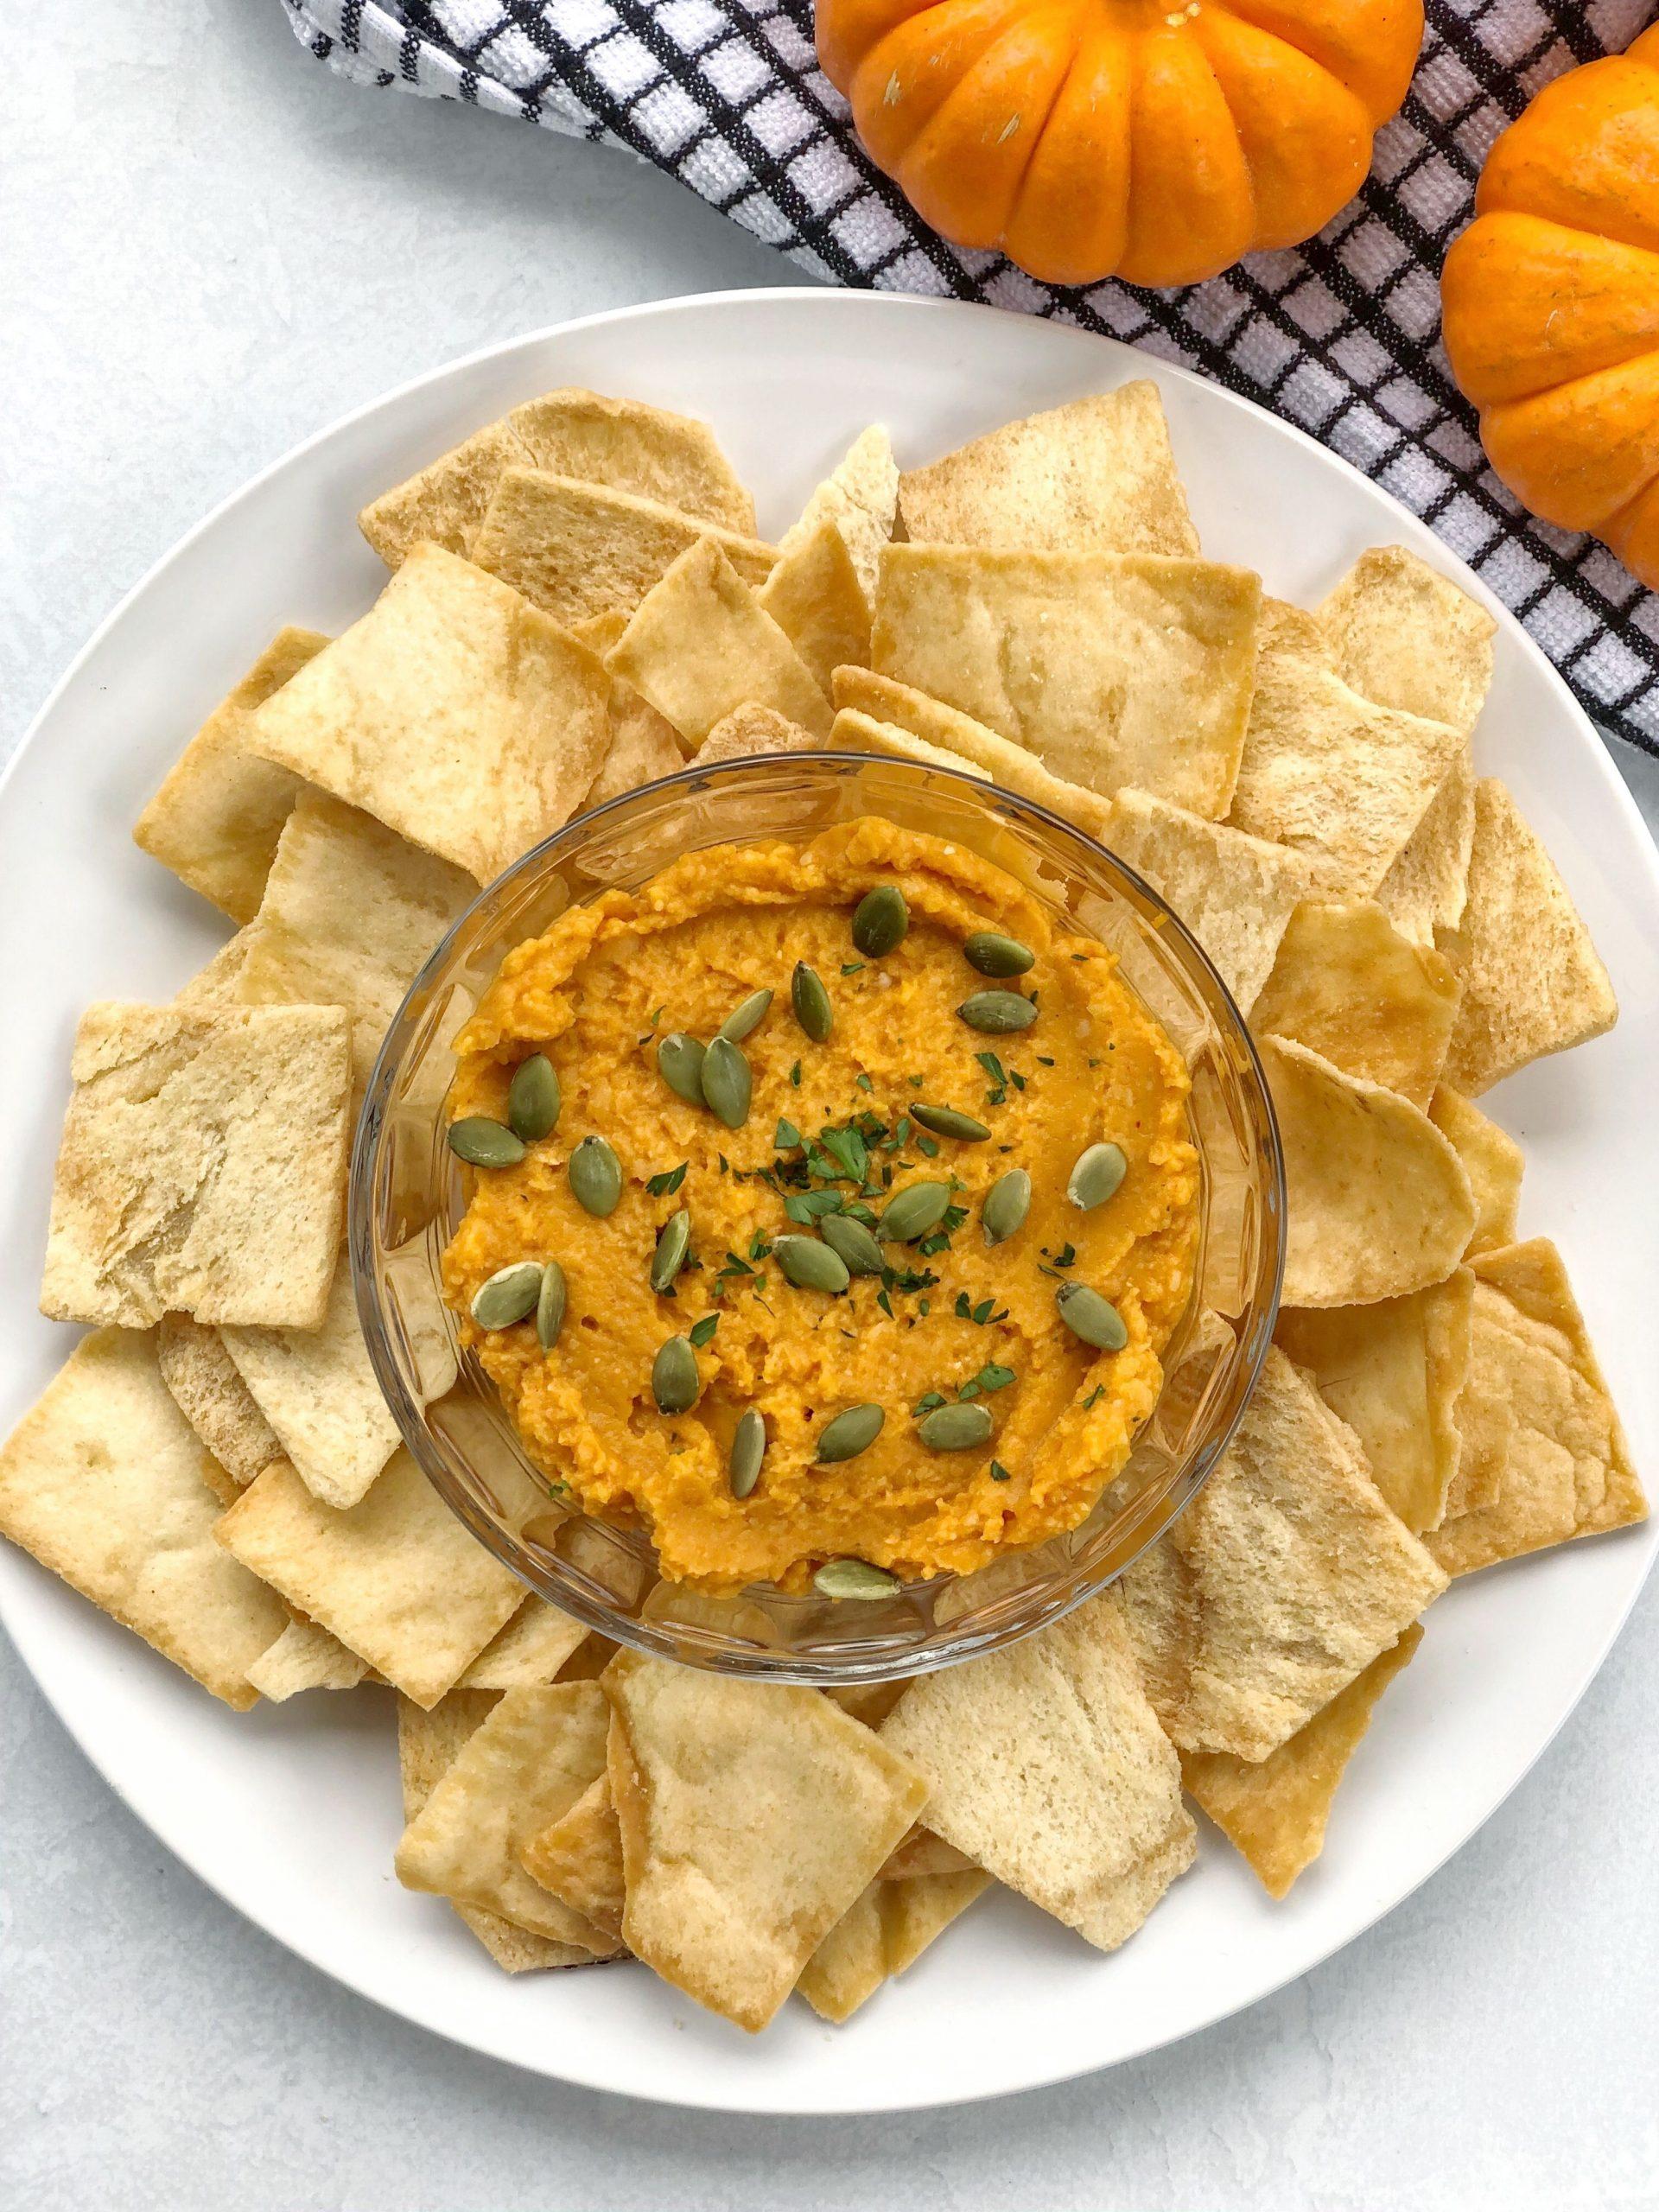 pumpkin hummus with crackers